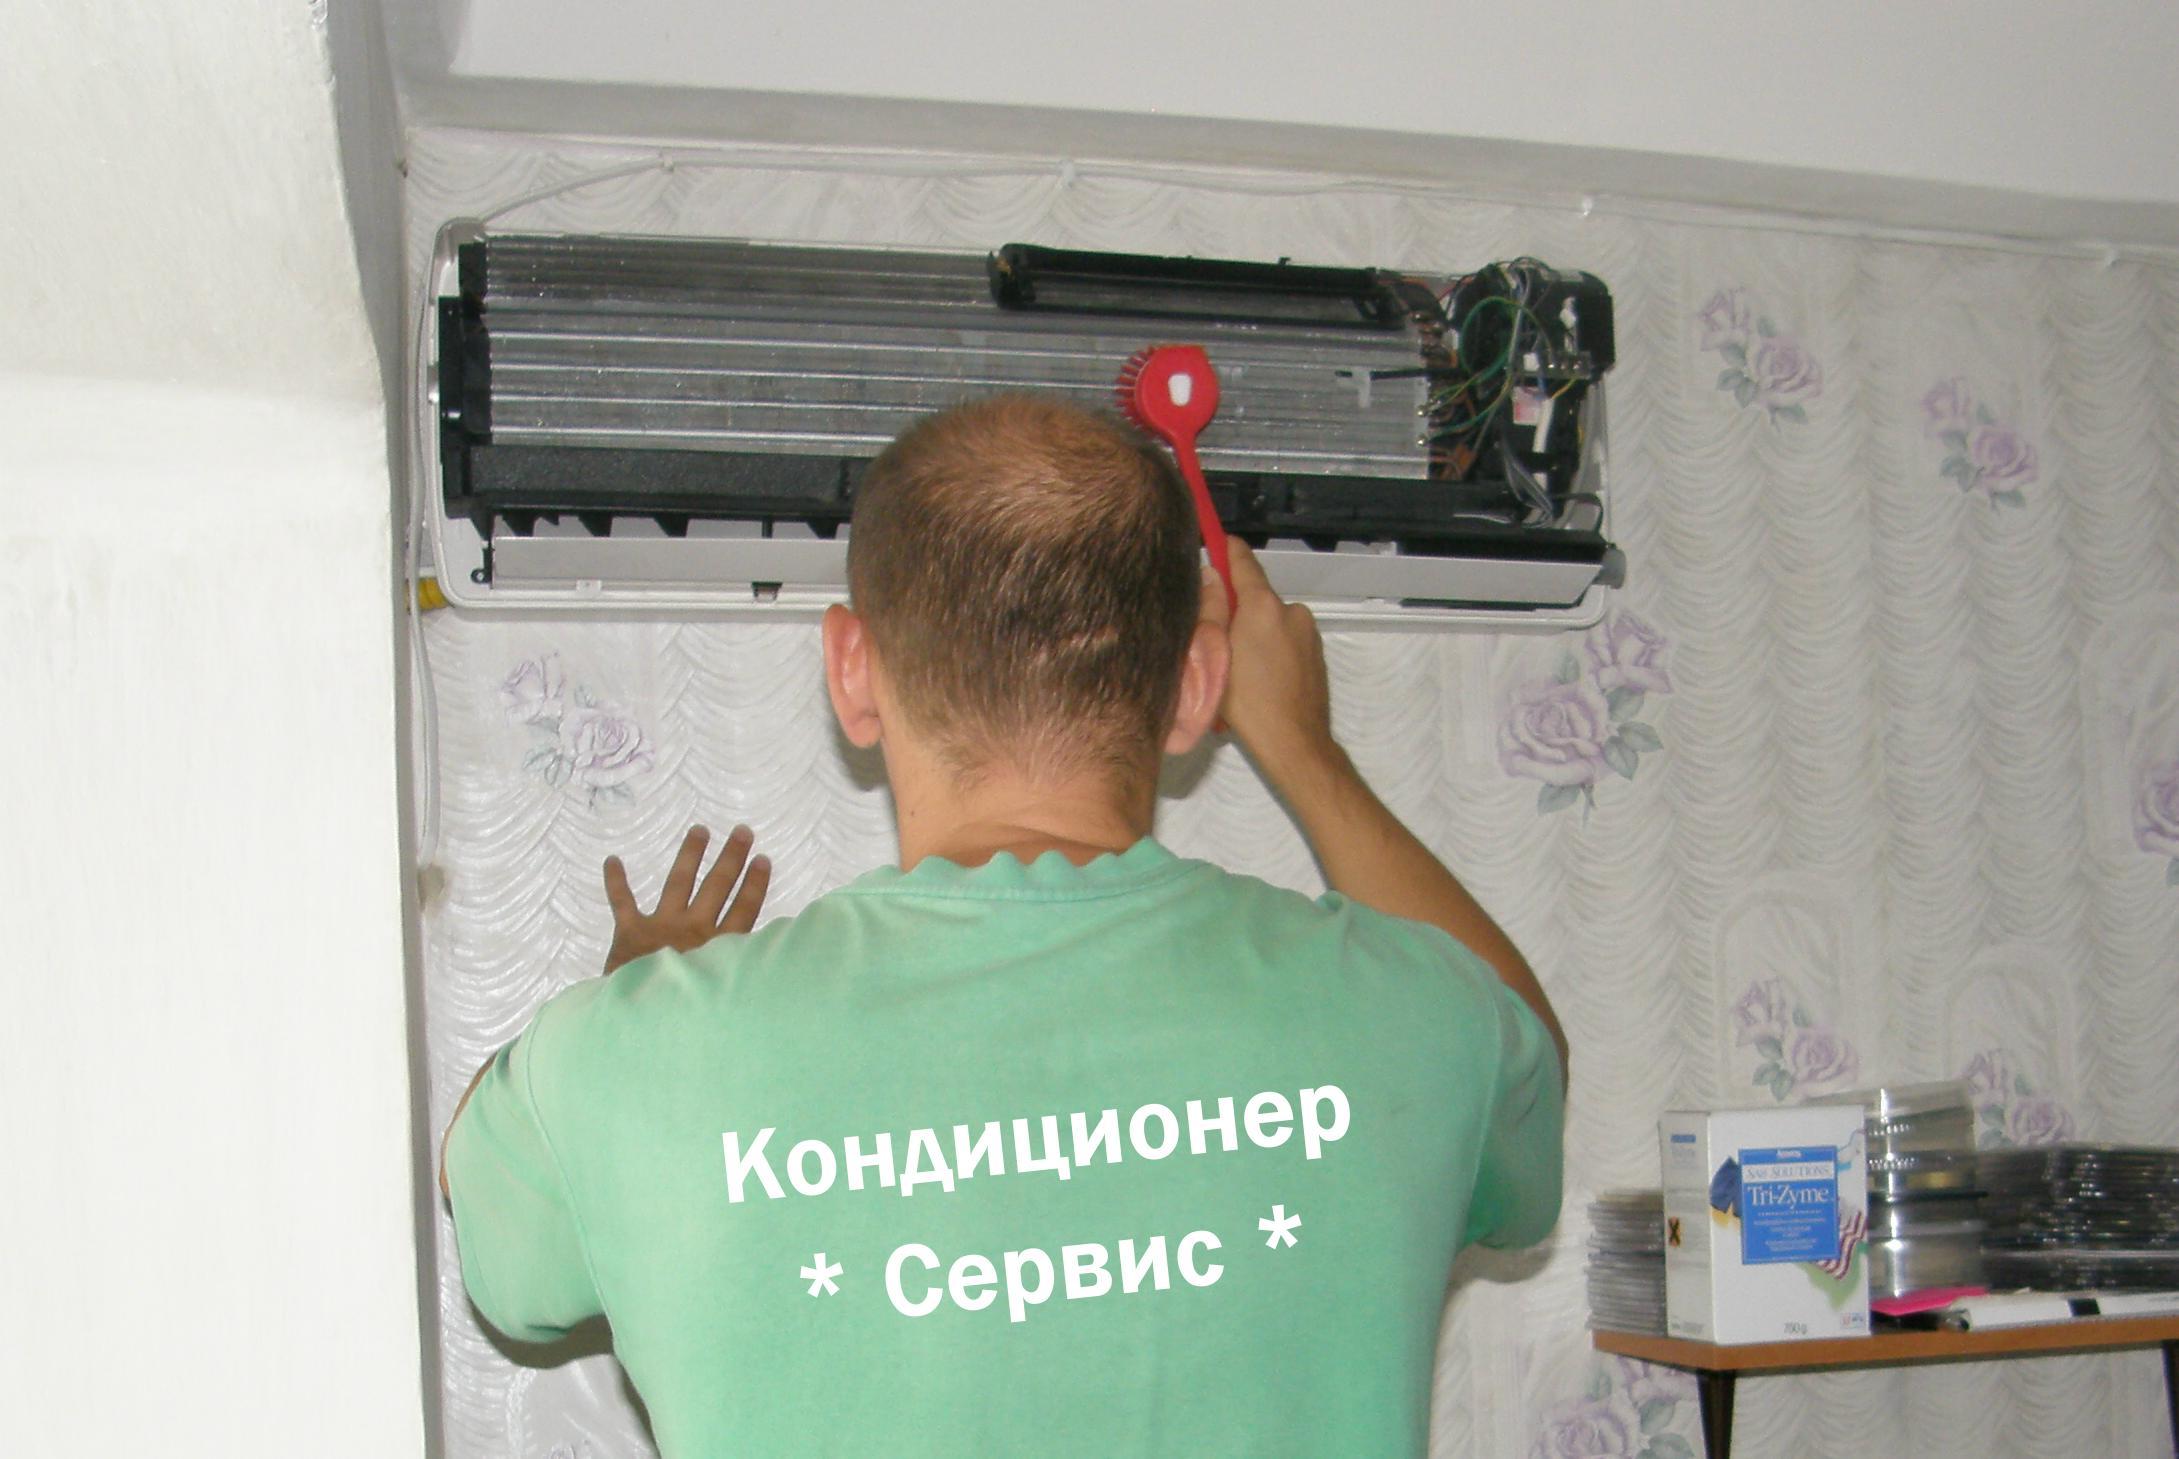 Как самостоятельно обслуживать кондиционер